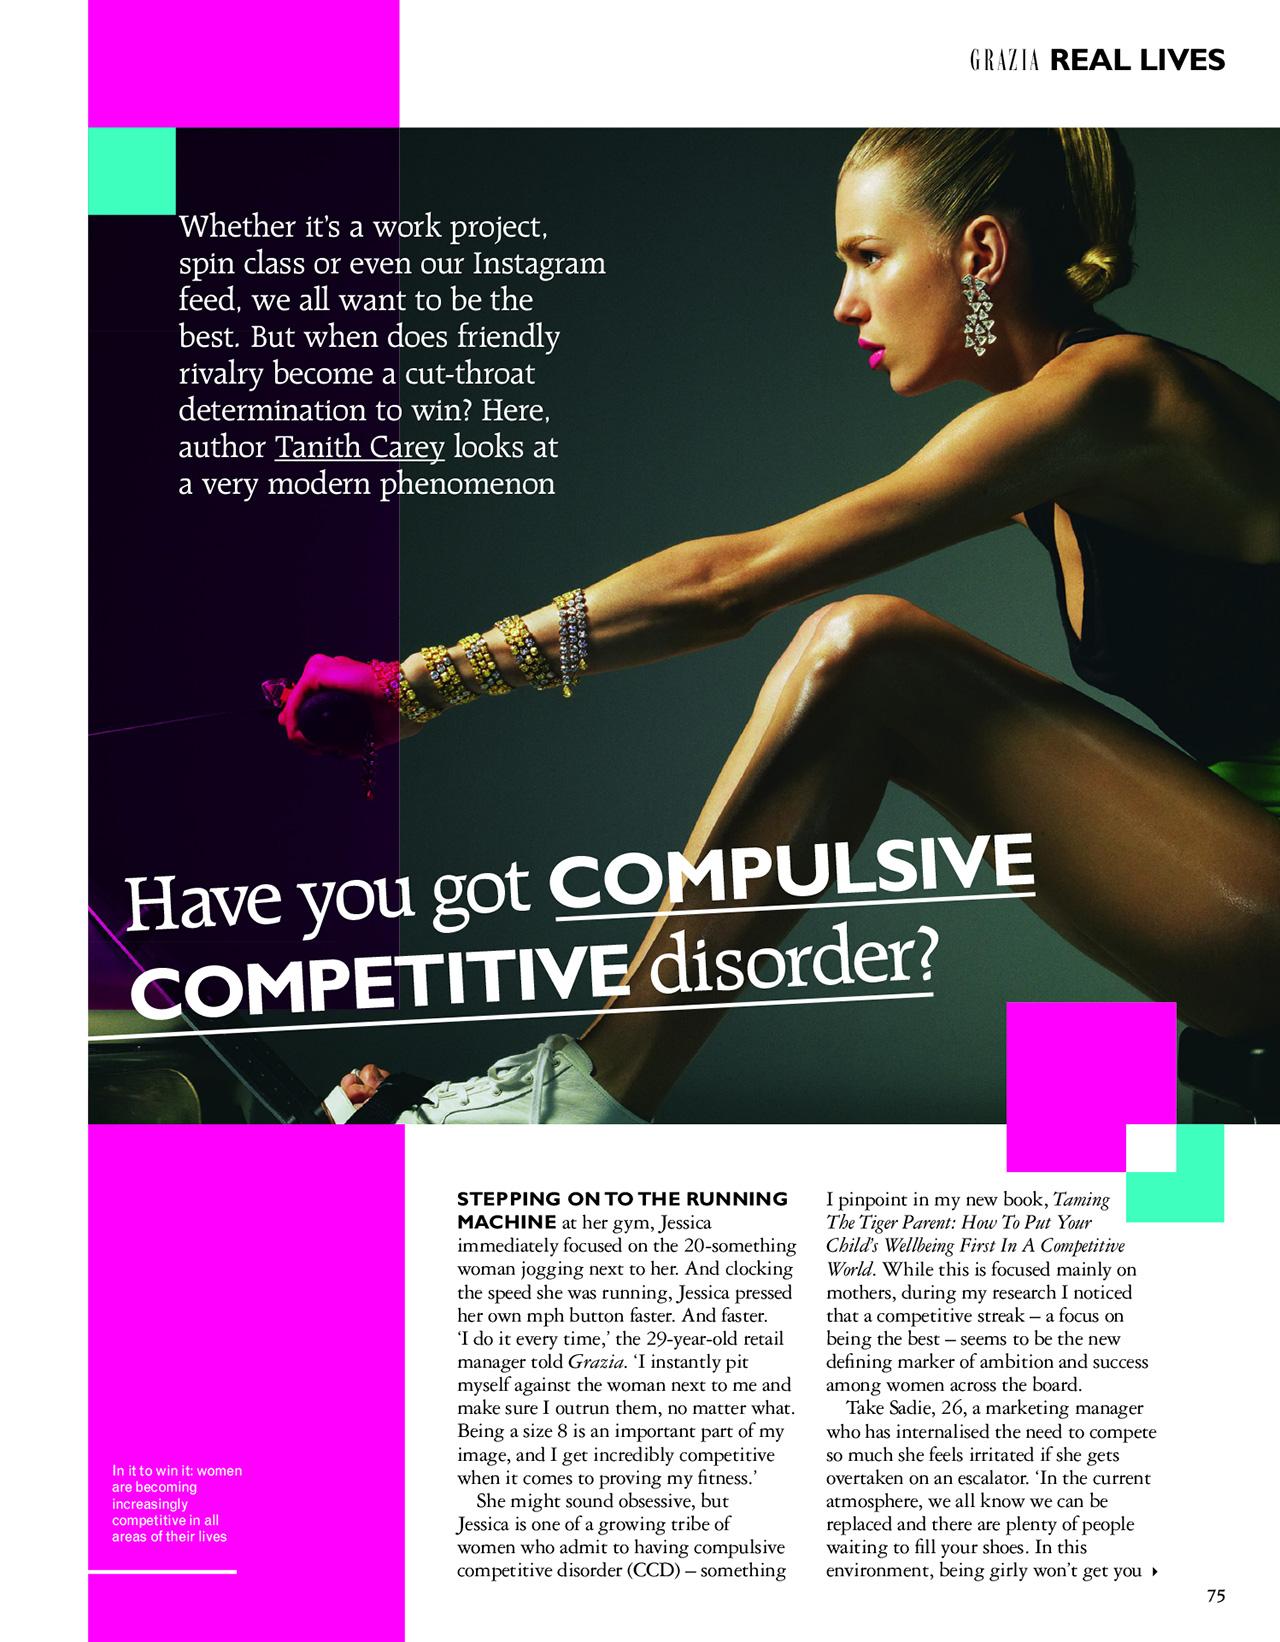 Grazia - compulsive competitive disorder.jpg